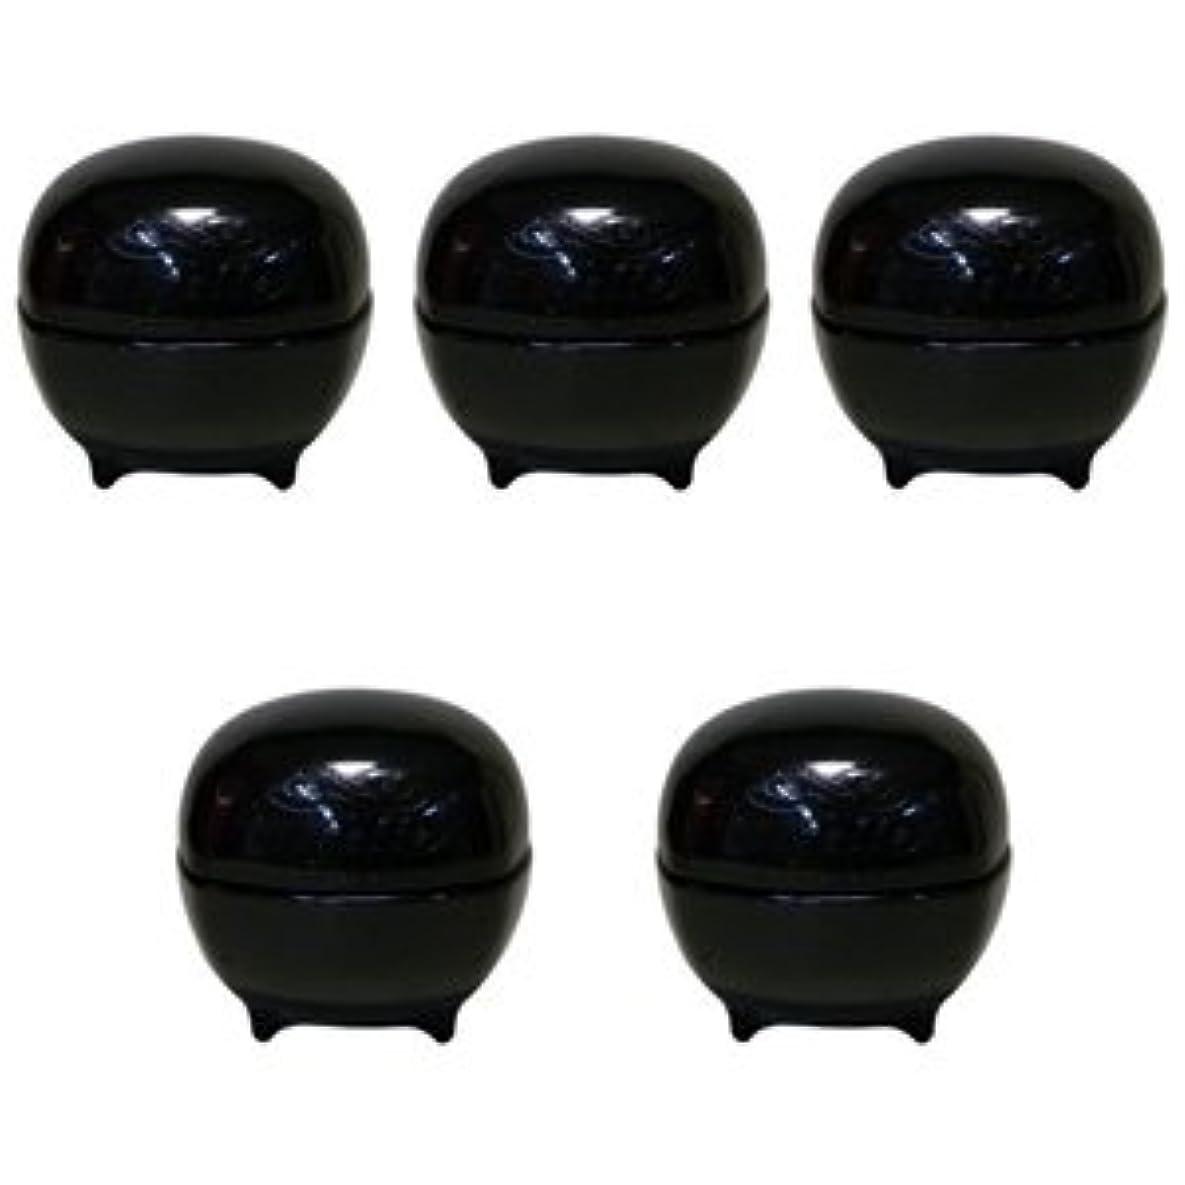 アトラスインカ帝国コイル【X5個セット】 ミルボン ニゼル グラスプワックス 80g (ニゼルドレシアコレクション) GRASP WAX MILBON